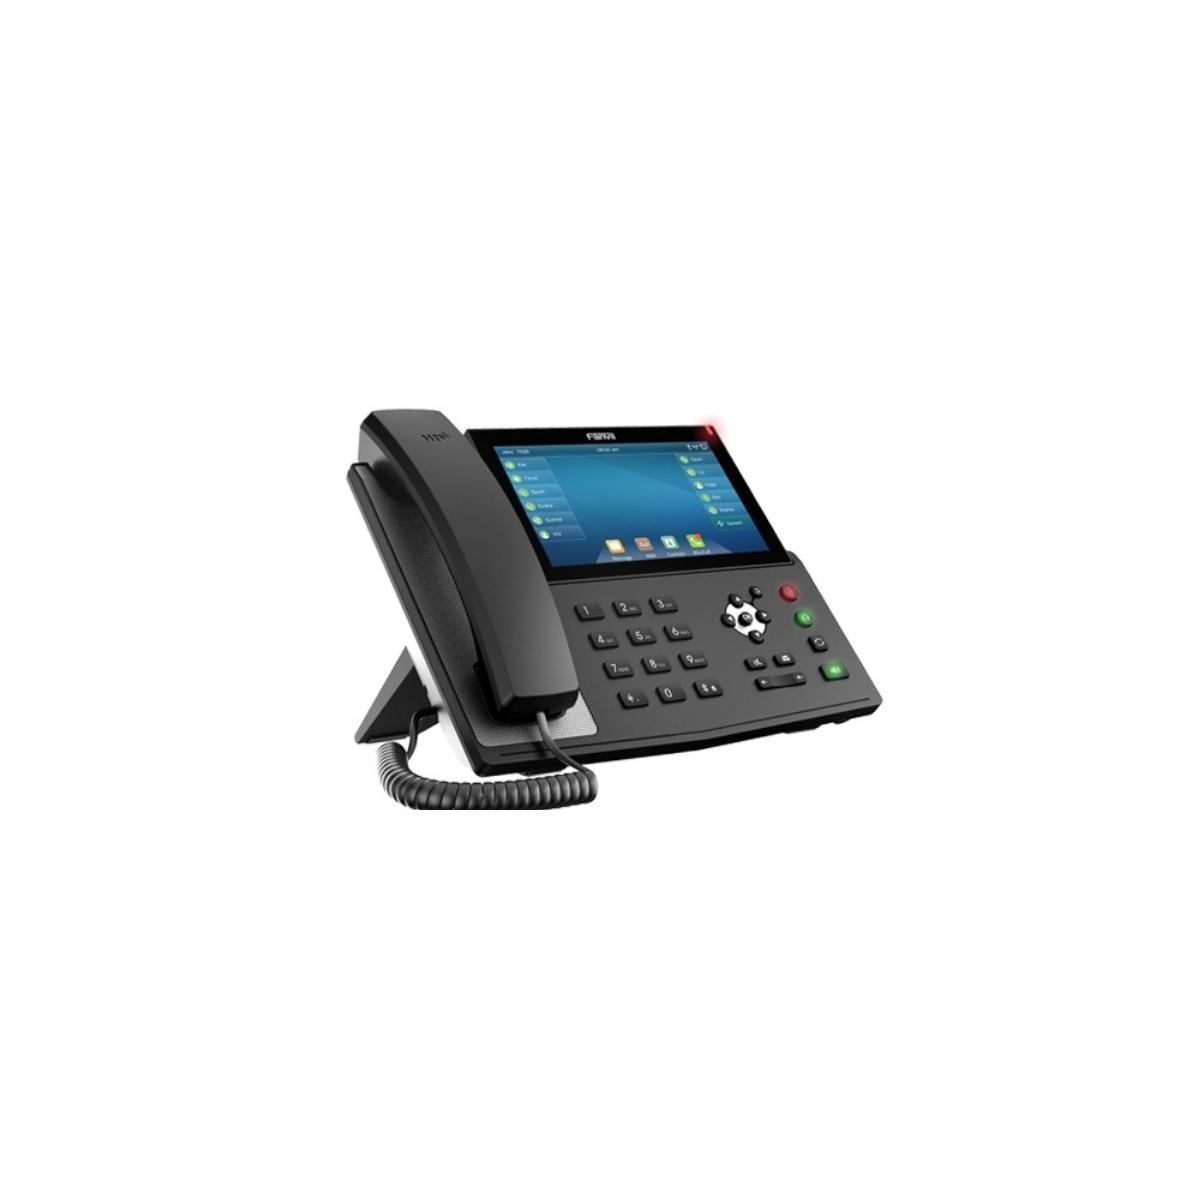 Fanvil X7 Enterprise IP Phone